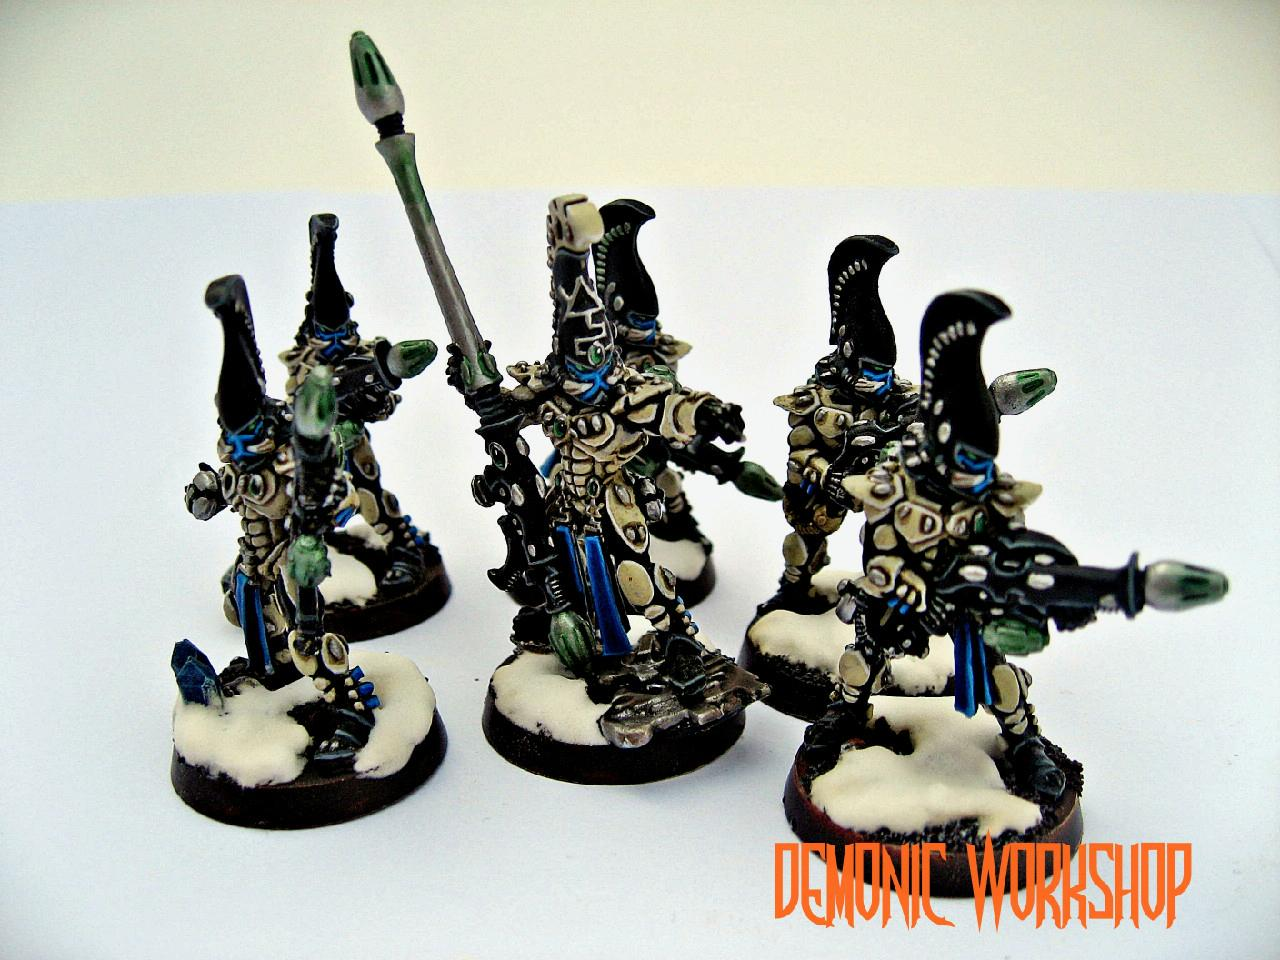 Demonic Workshop, Eldar, Exarch, Fire Dragon, Warhammer 40,000